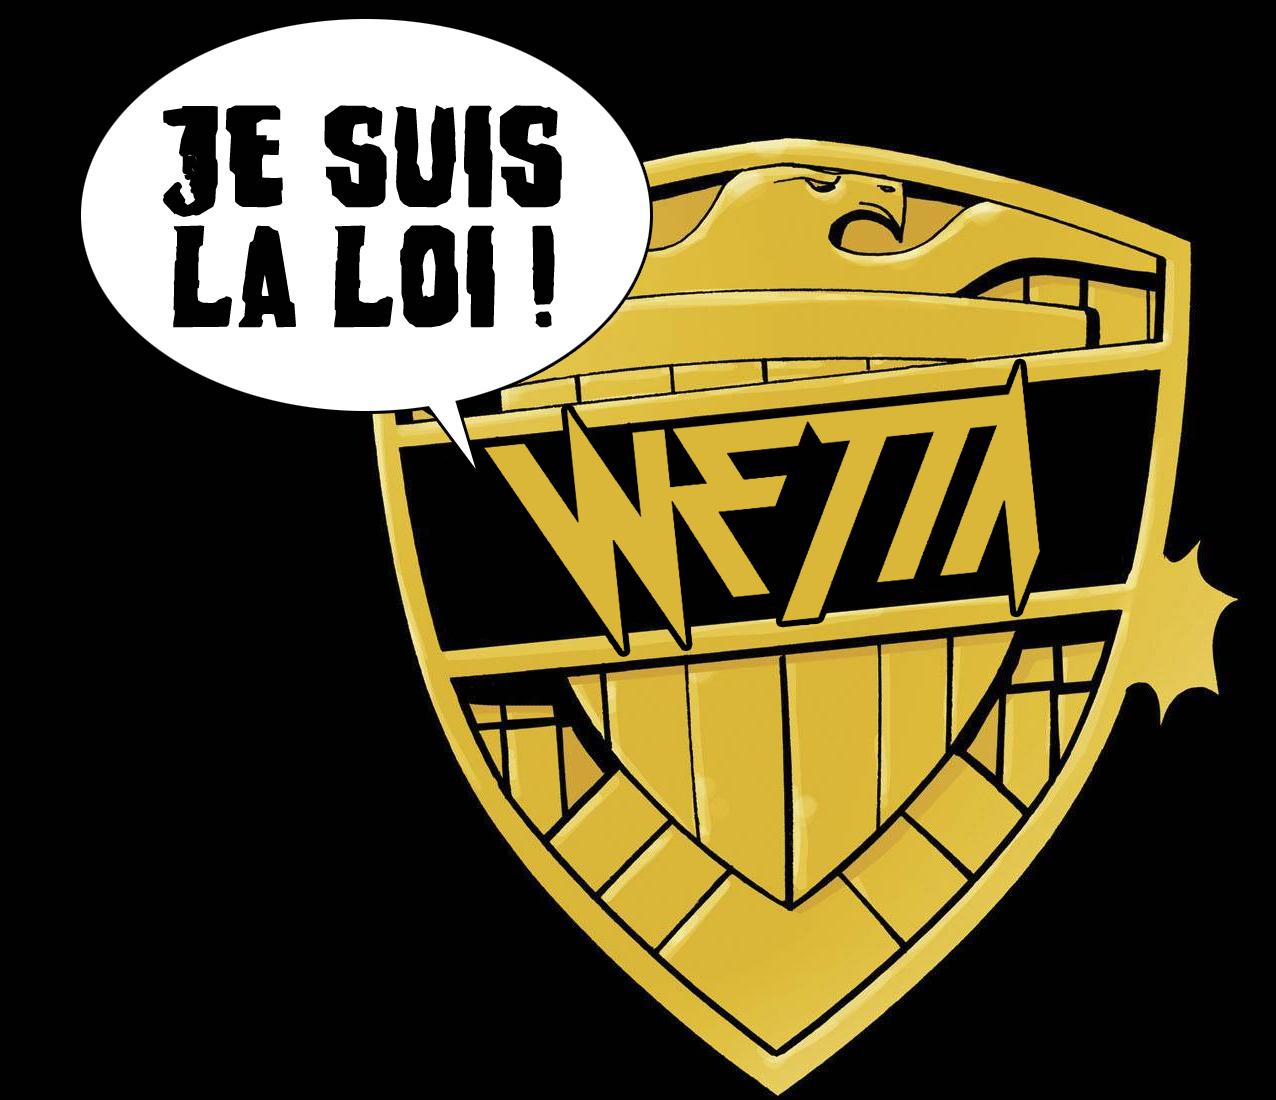 judge_wetta